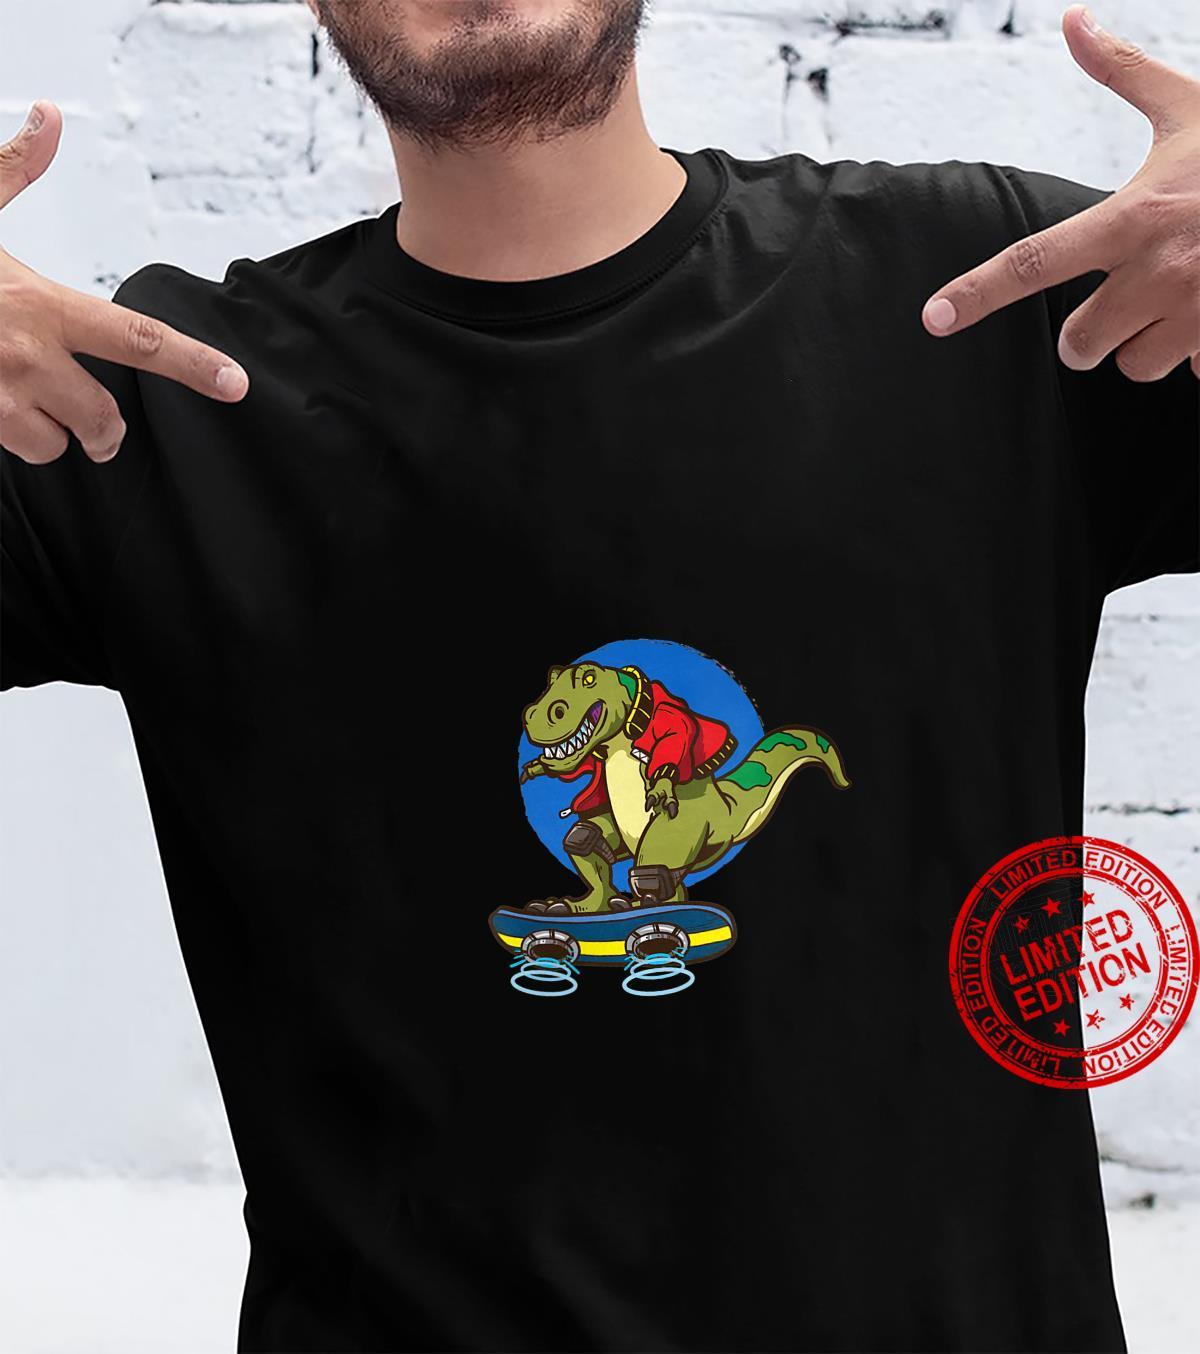 Womens Hoverboard TRex Skating Shirt